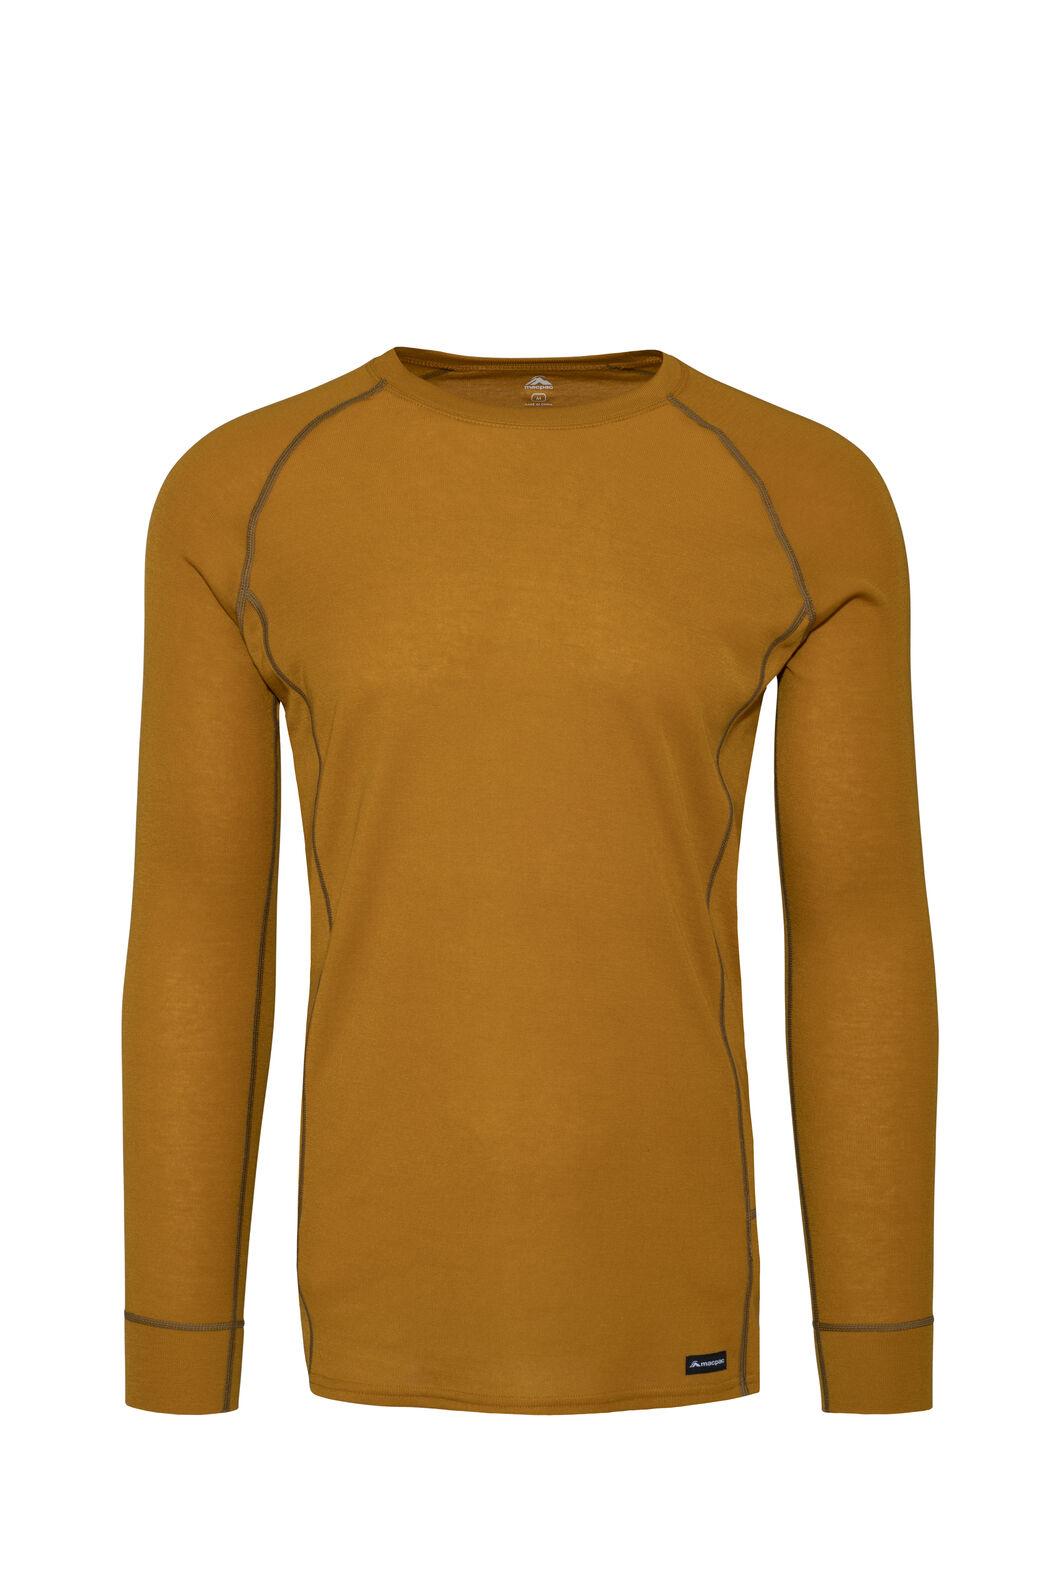 Macpac Geothermal Long Sleeve Top — Men's, Inca Gold, hi-res